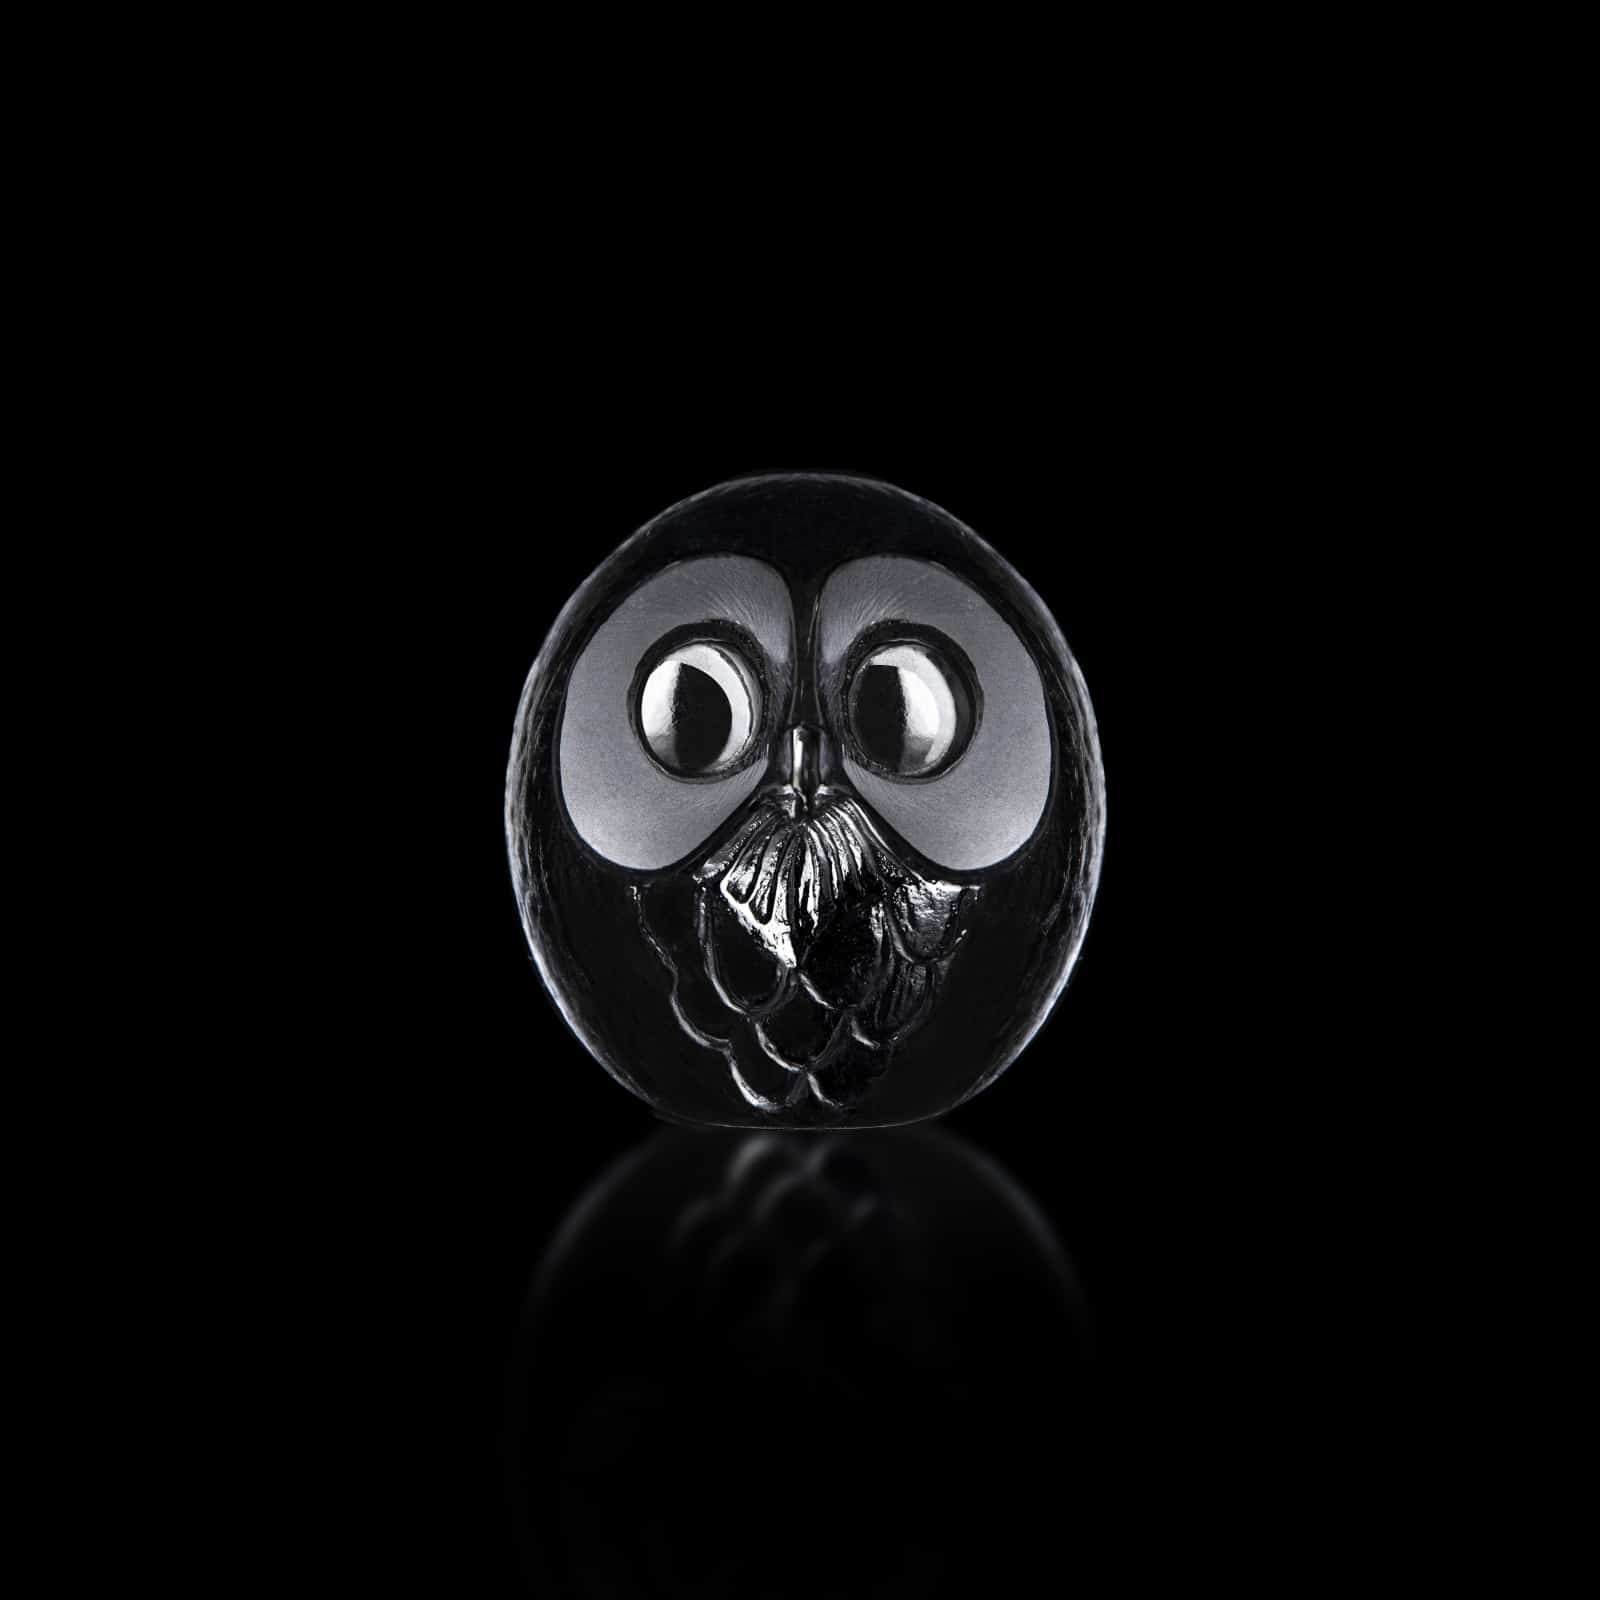 Mats Jonasson - Owl